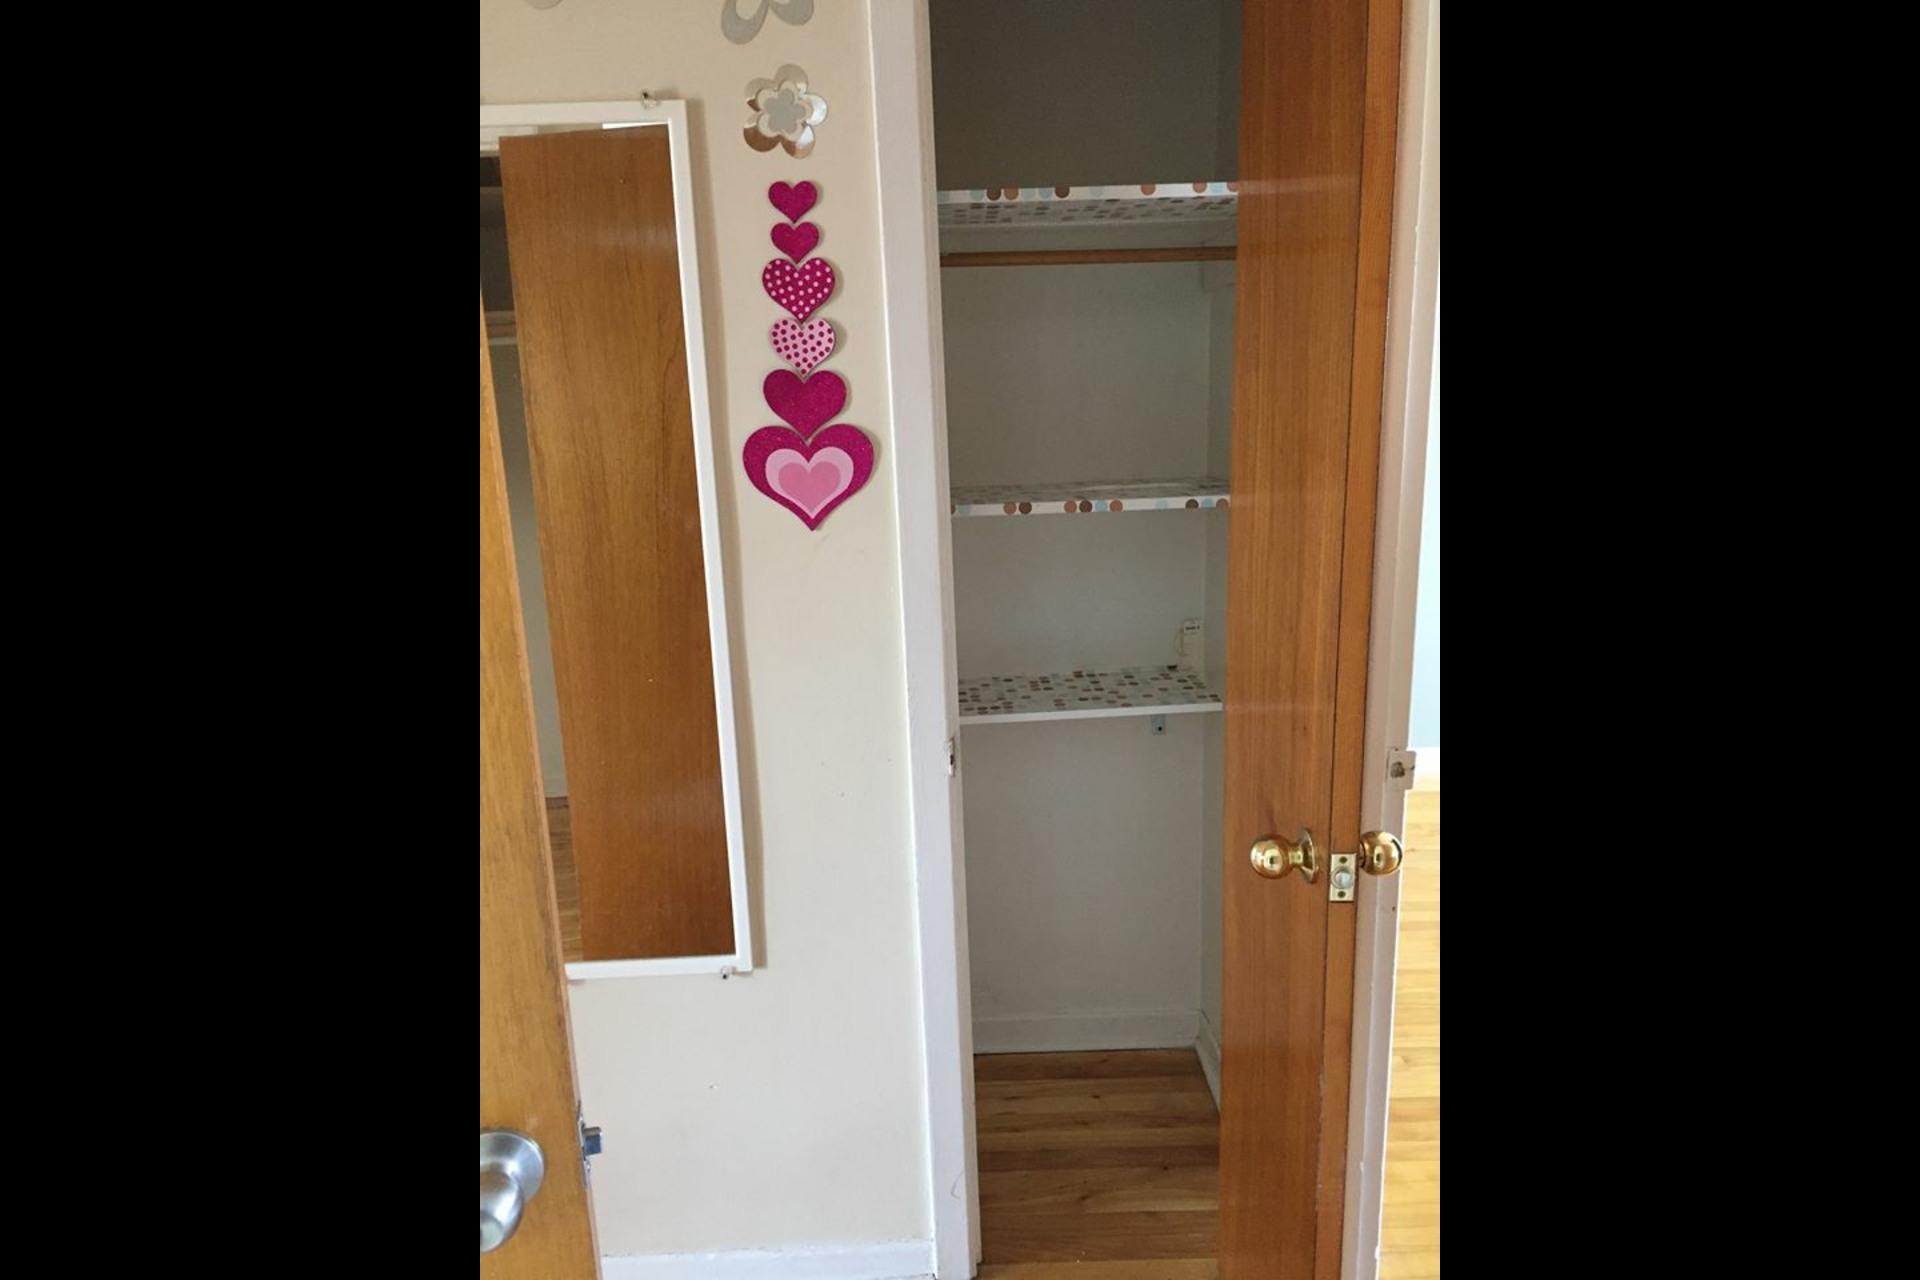 image 2 - Appartement À louer Montréal Saint-Leonard - 4 pièces